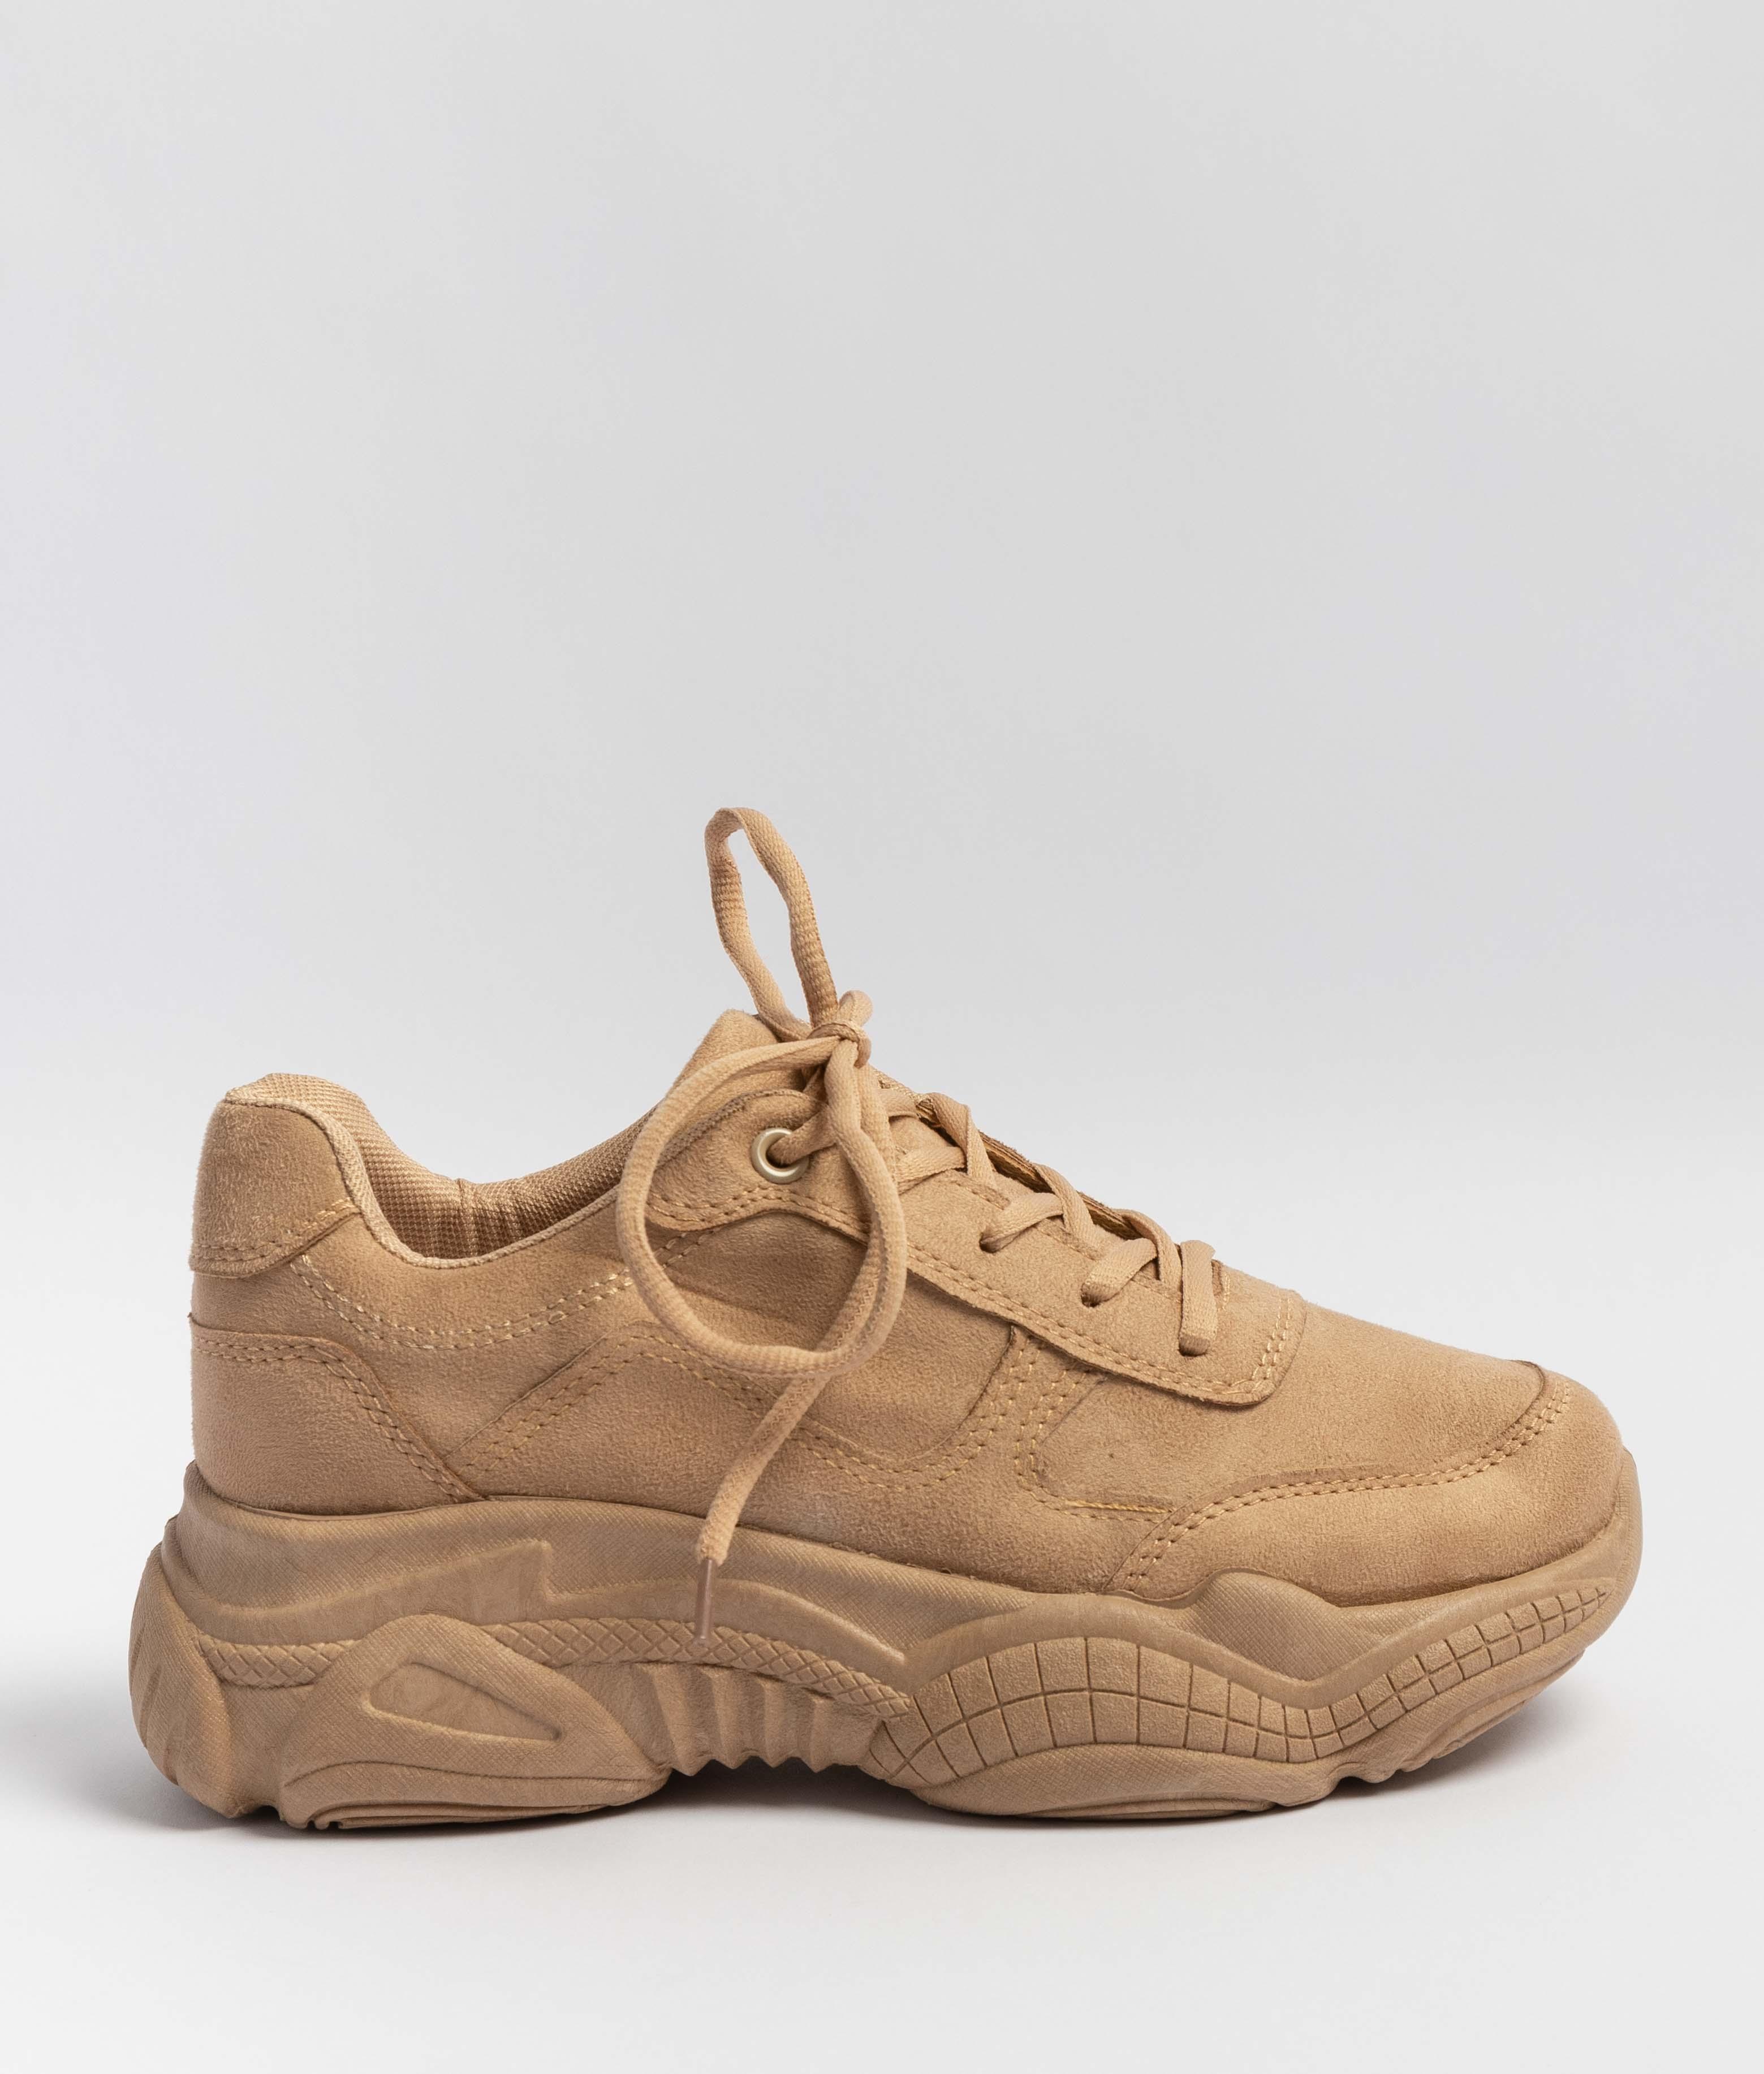 Sneakers Perta - Bege